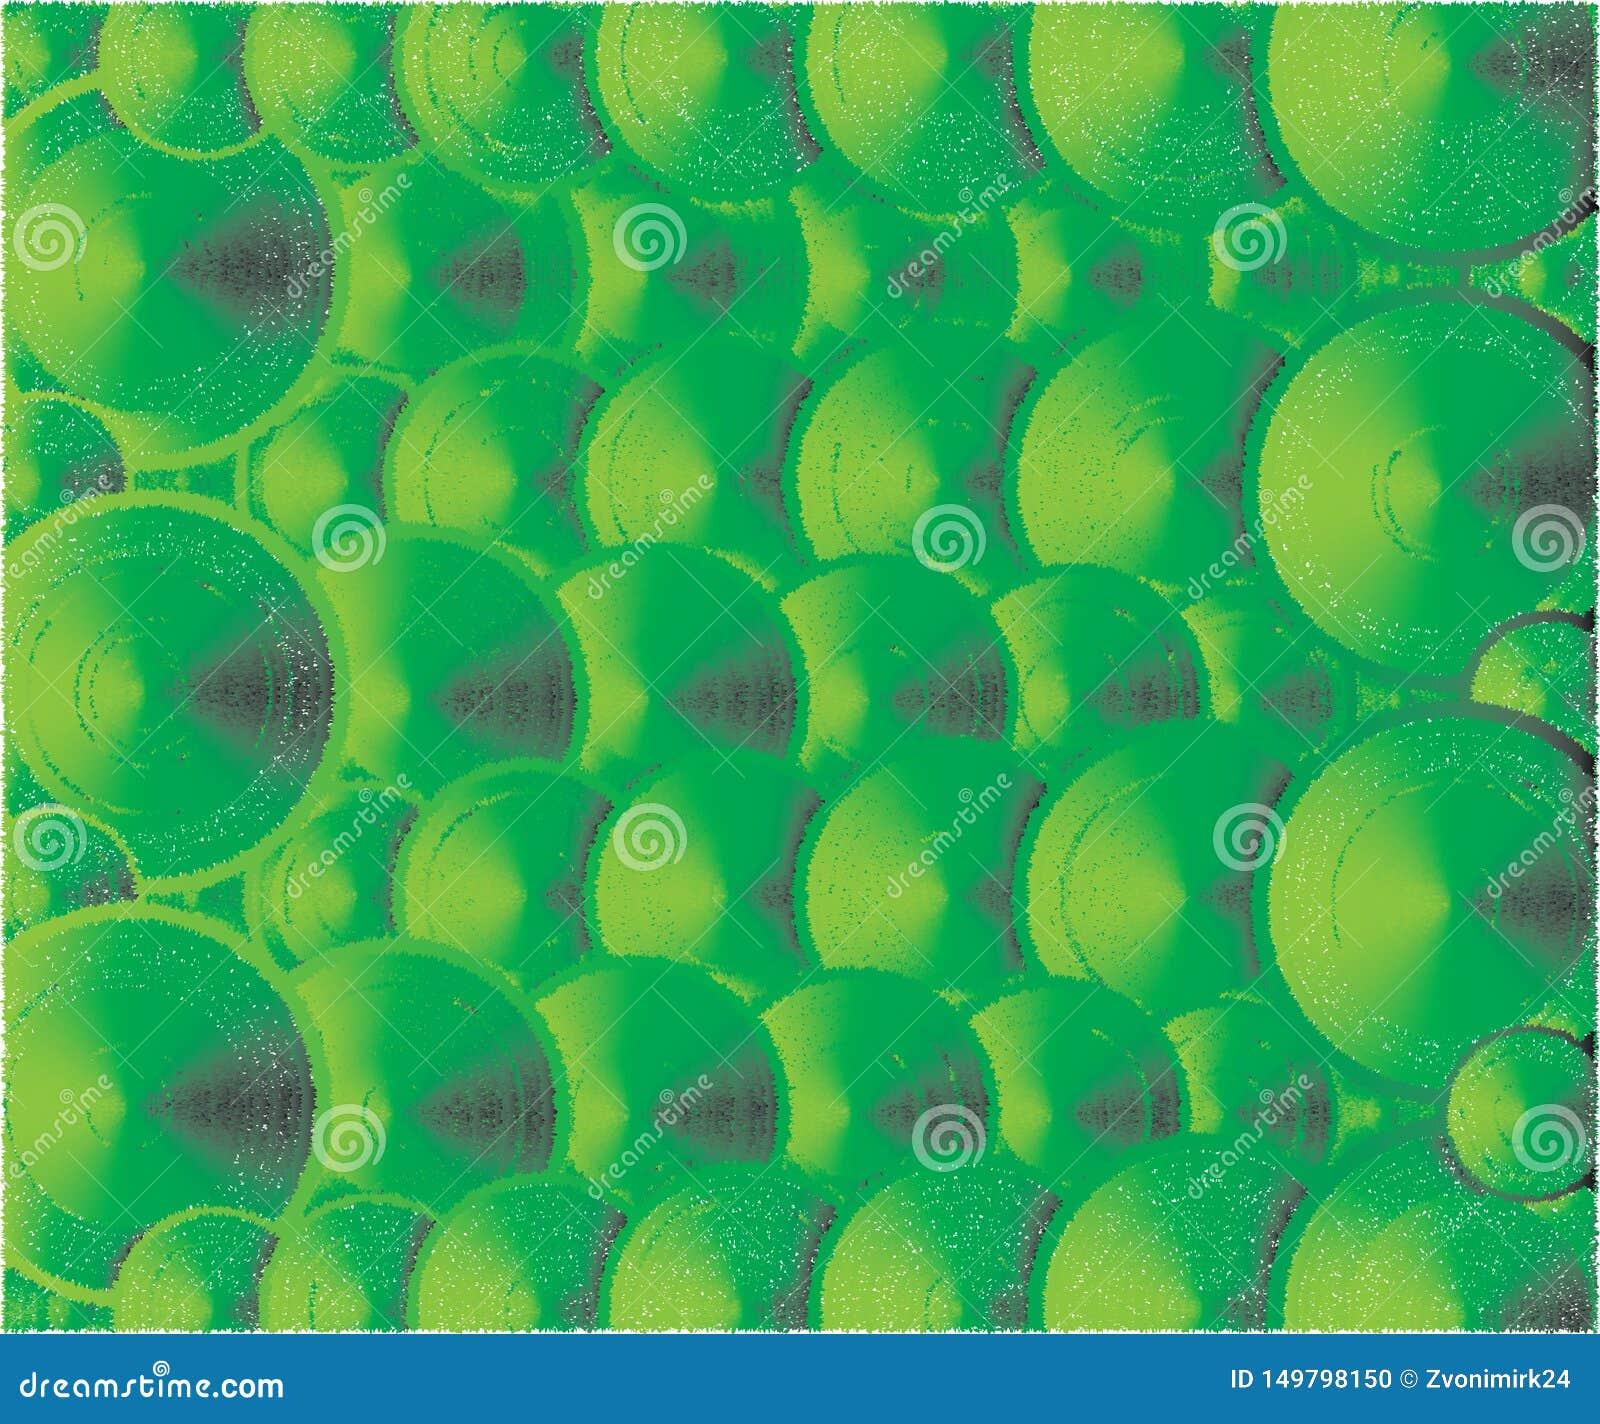 Viele Deckel in einen Platz-, Grünen und Gelbenfarben